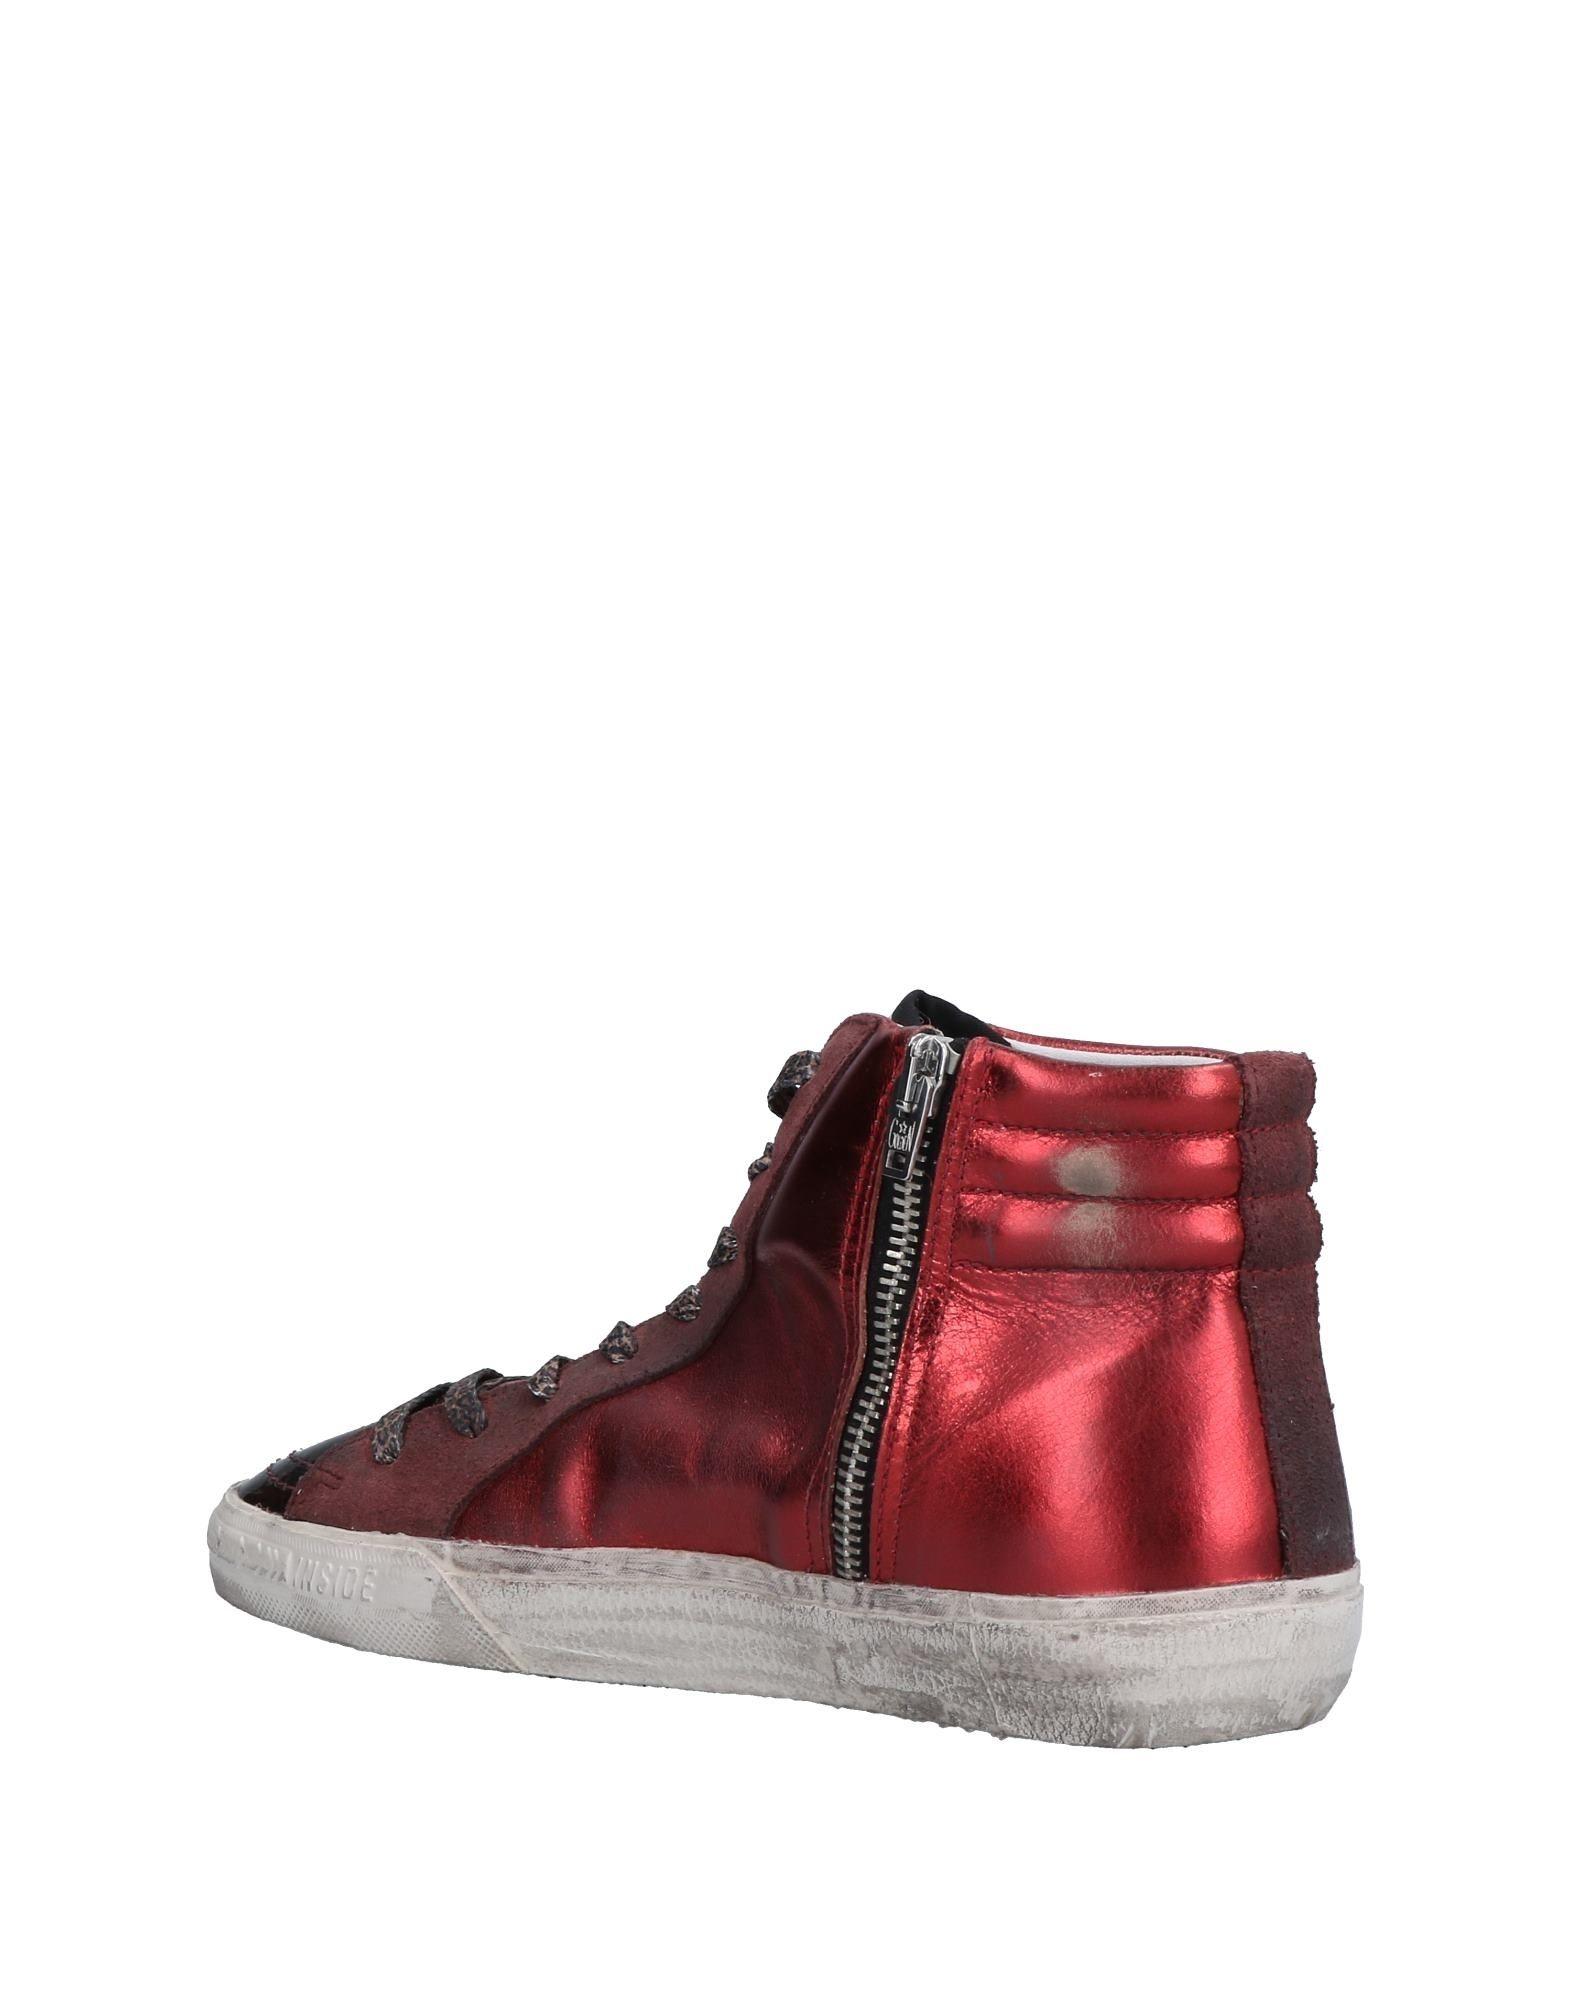 Rabatt Schuhe Golden Goose Deluxe 11509977HJ Brand Sneakers Damen  11509977HJ Deluxe 5c4ef6